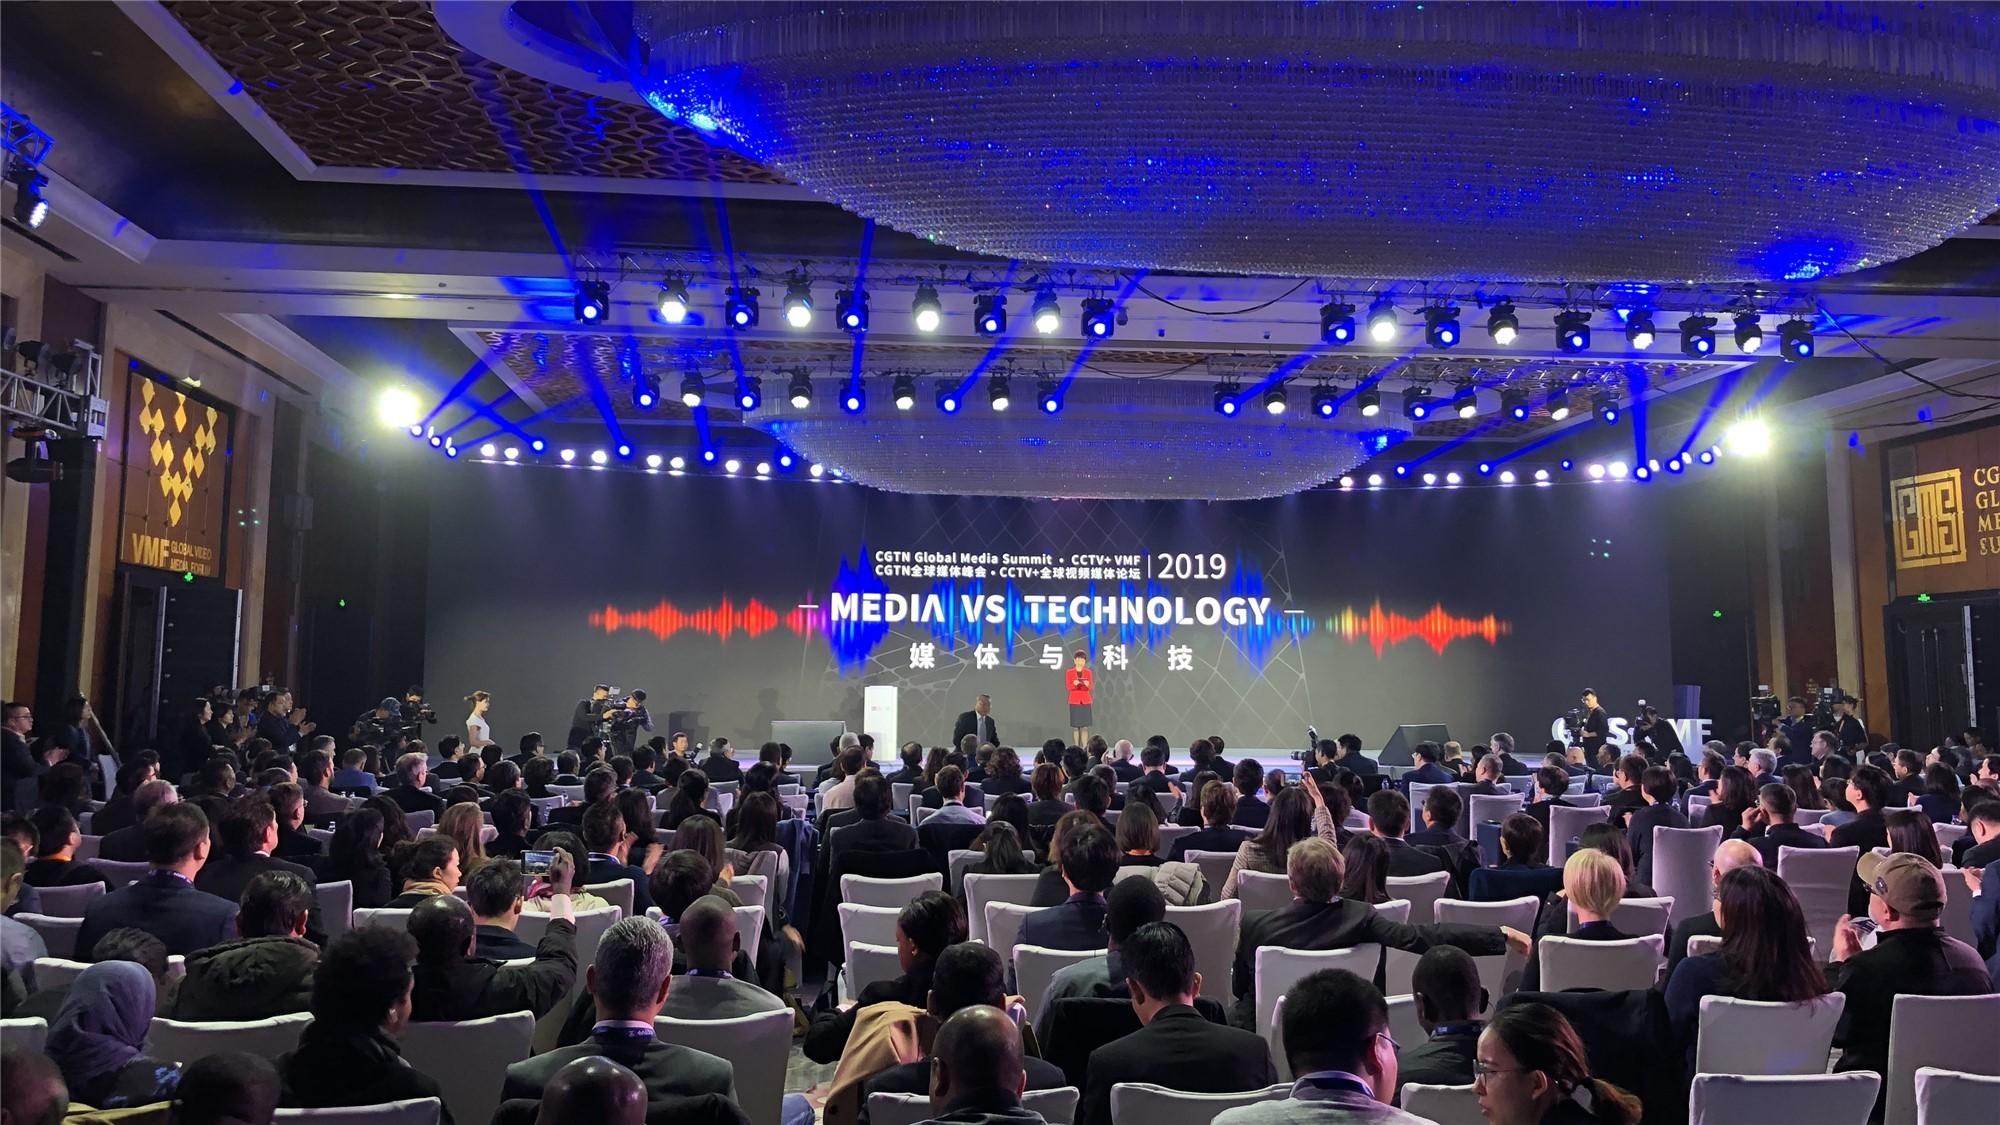 2019 CGTN Global Media Summit & VMF opens in Beijing